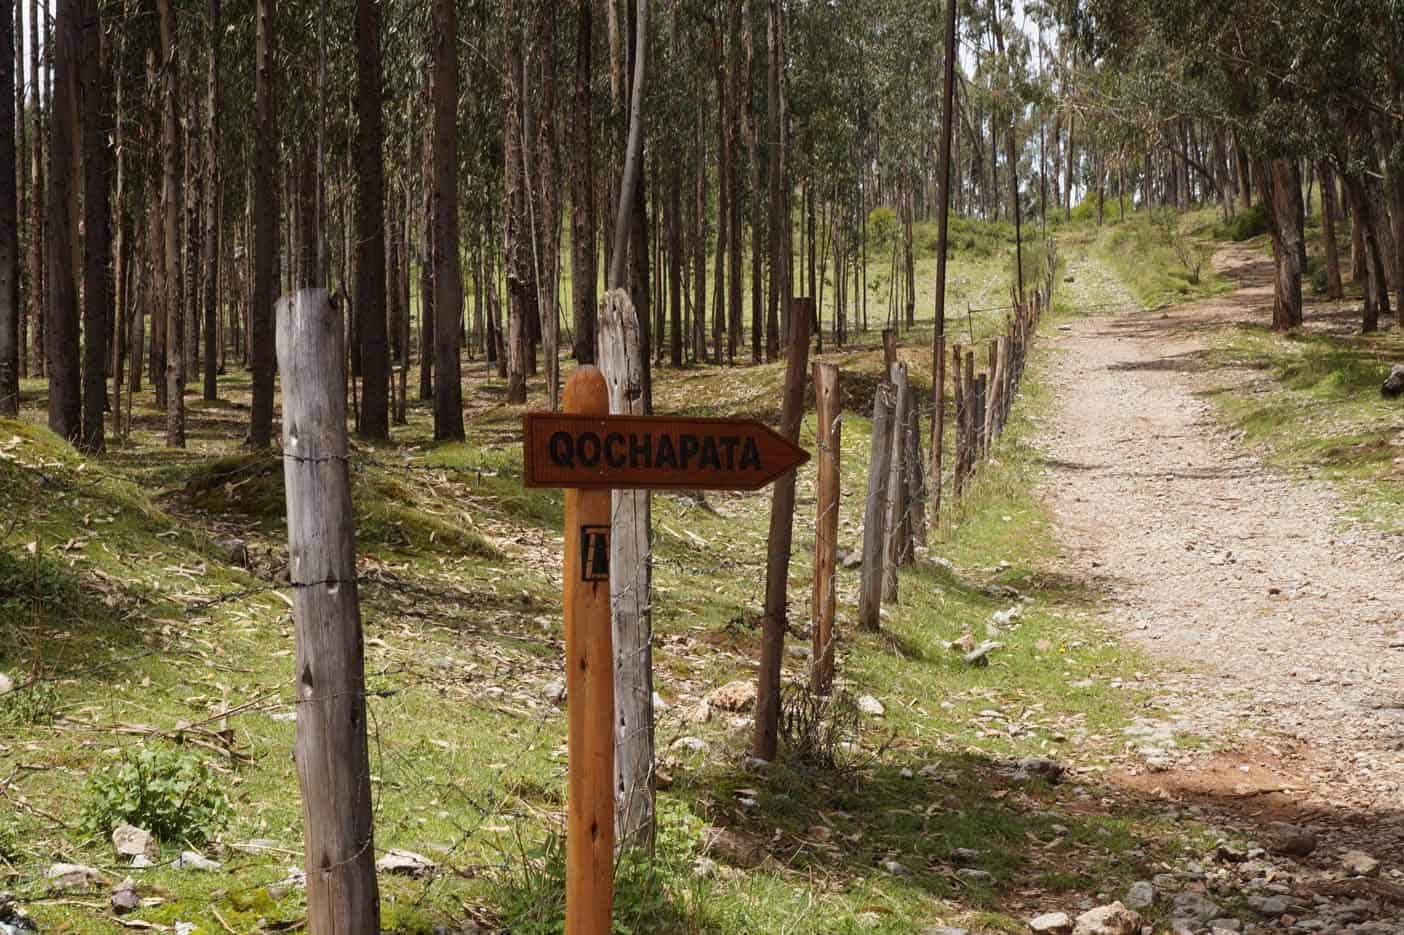 qochapata